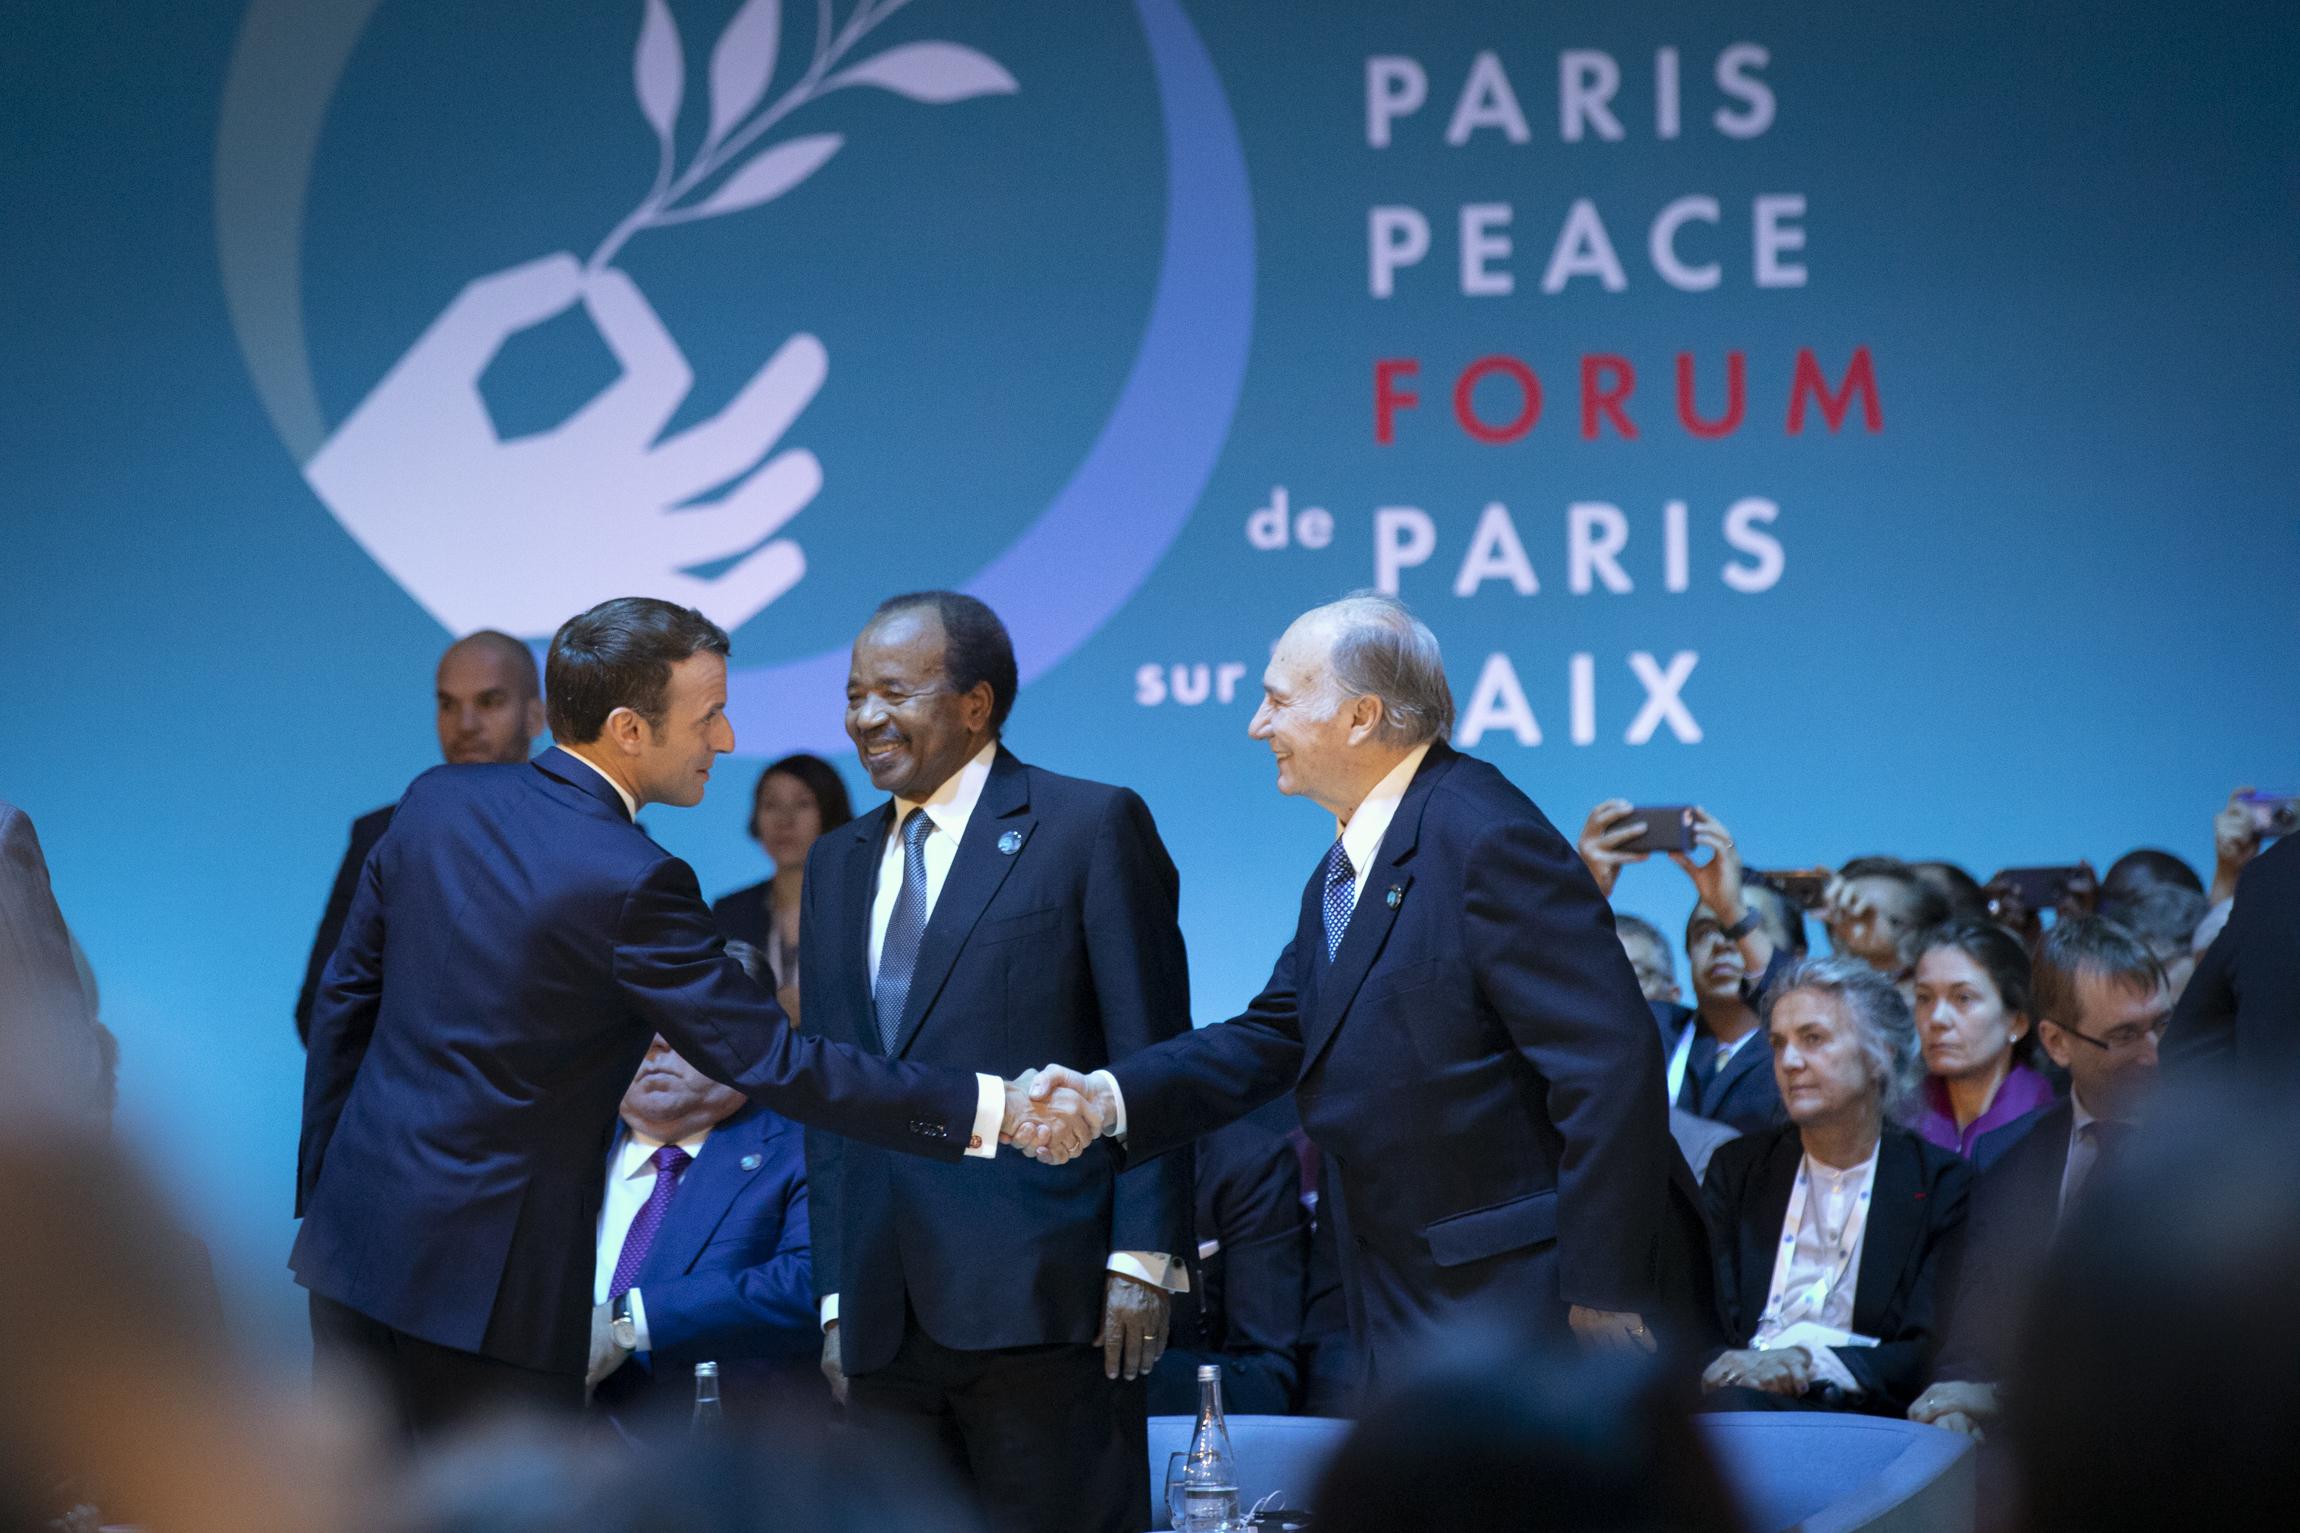 L Akdn Partenaire Du Forum De Paris Sur La Paix Aga Khan Development Network